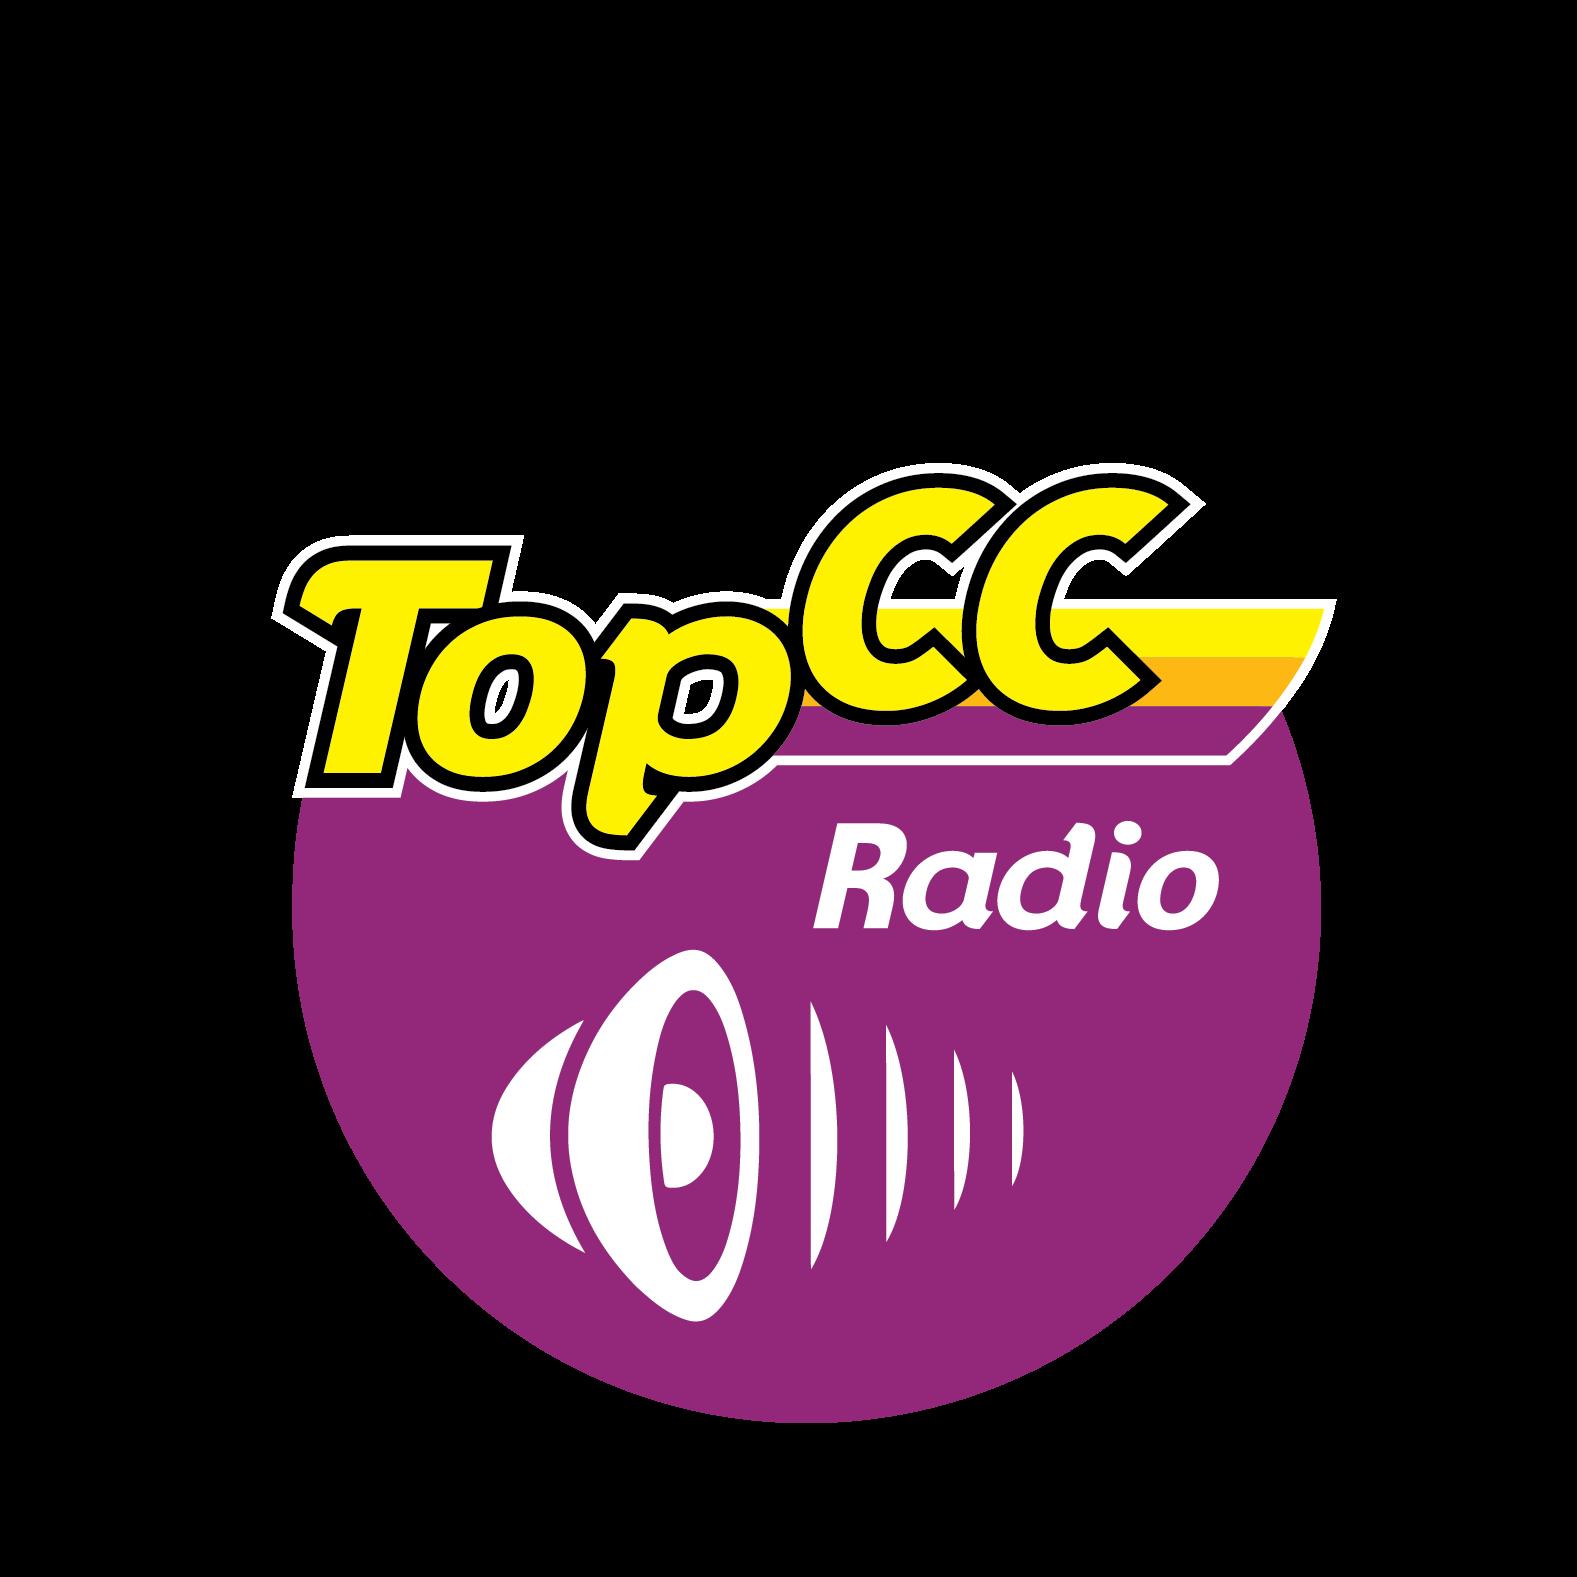 topccradio backup